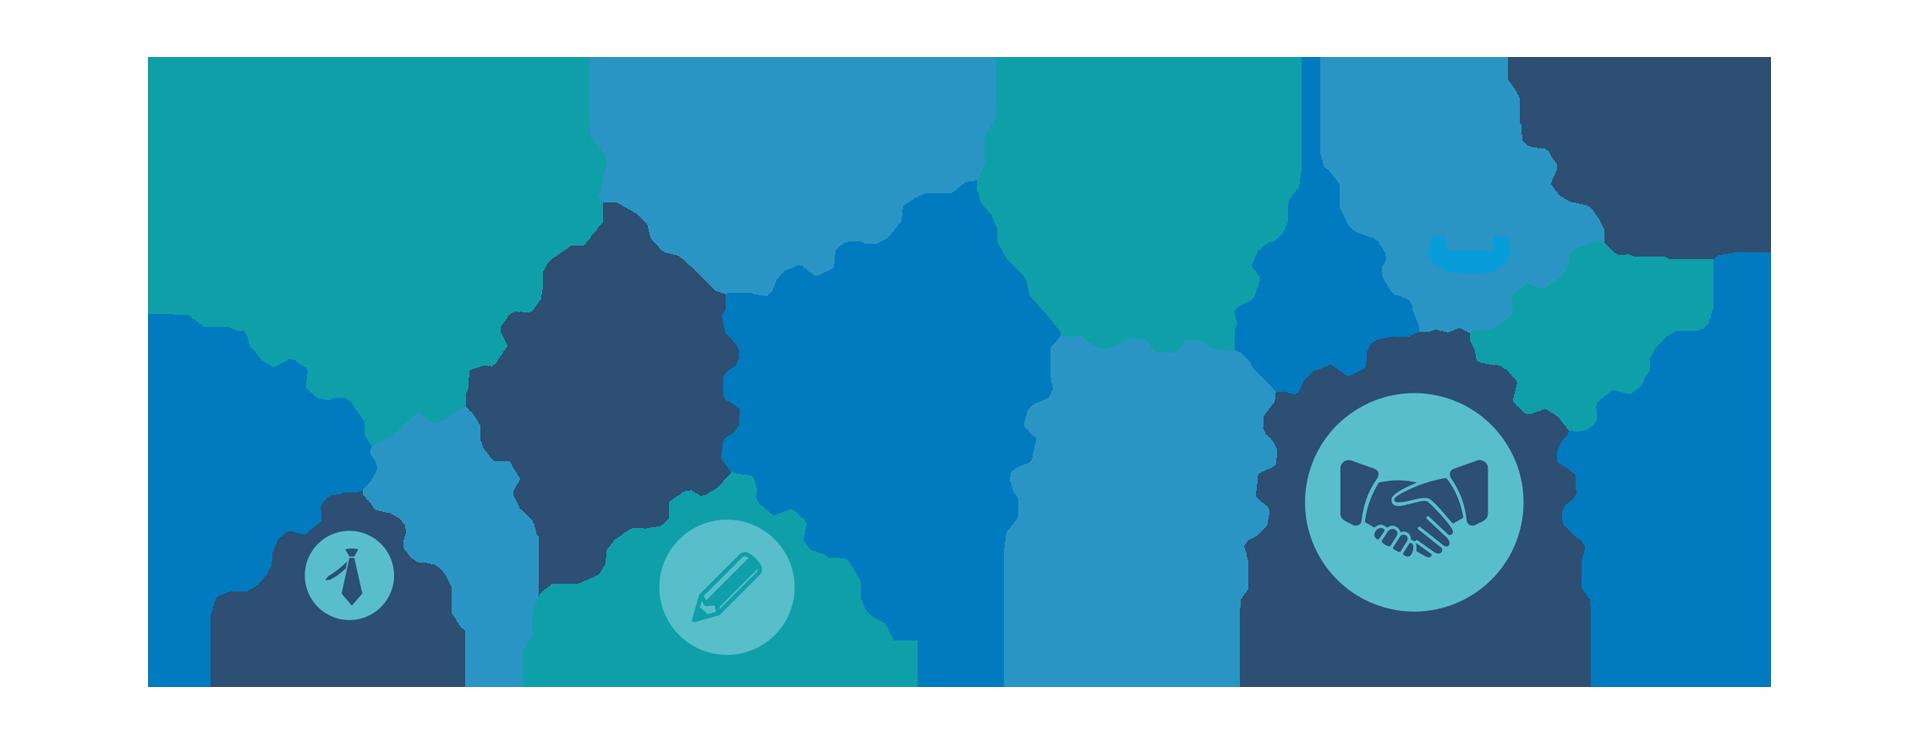 使用.NET Core创建Windows服务 - 使用.NET Core工作器方式